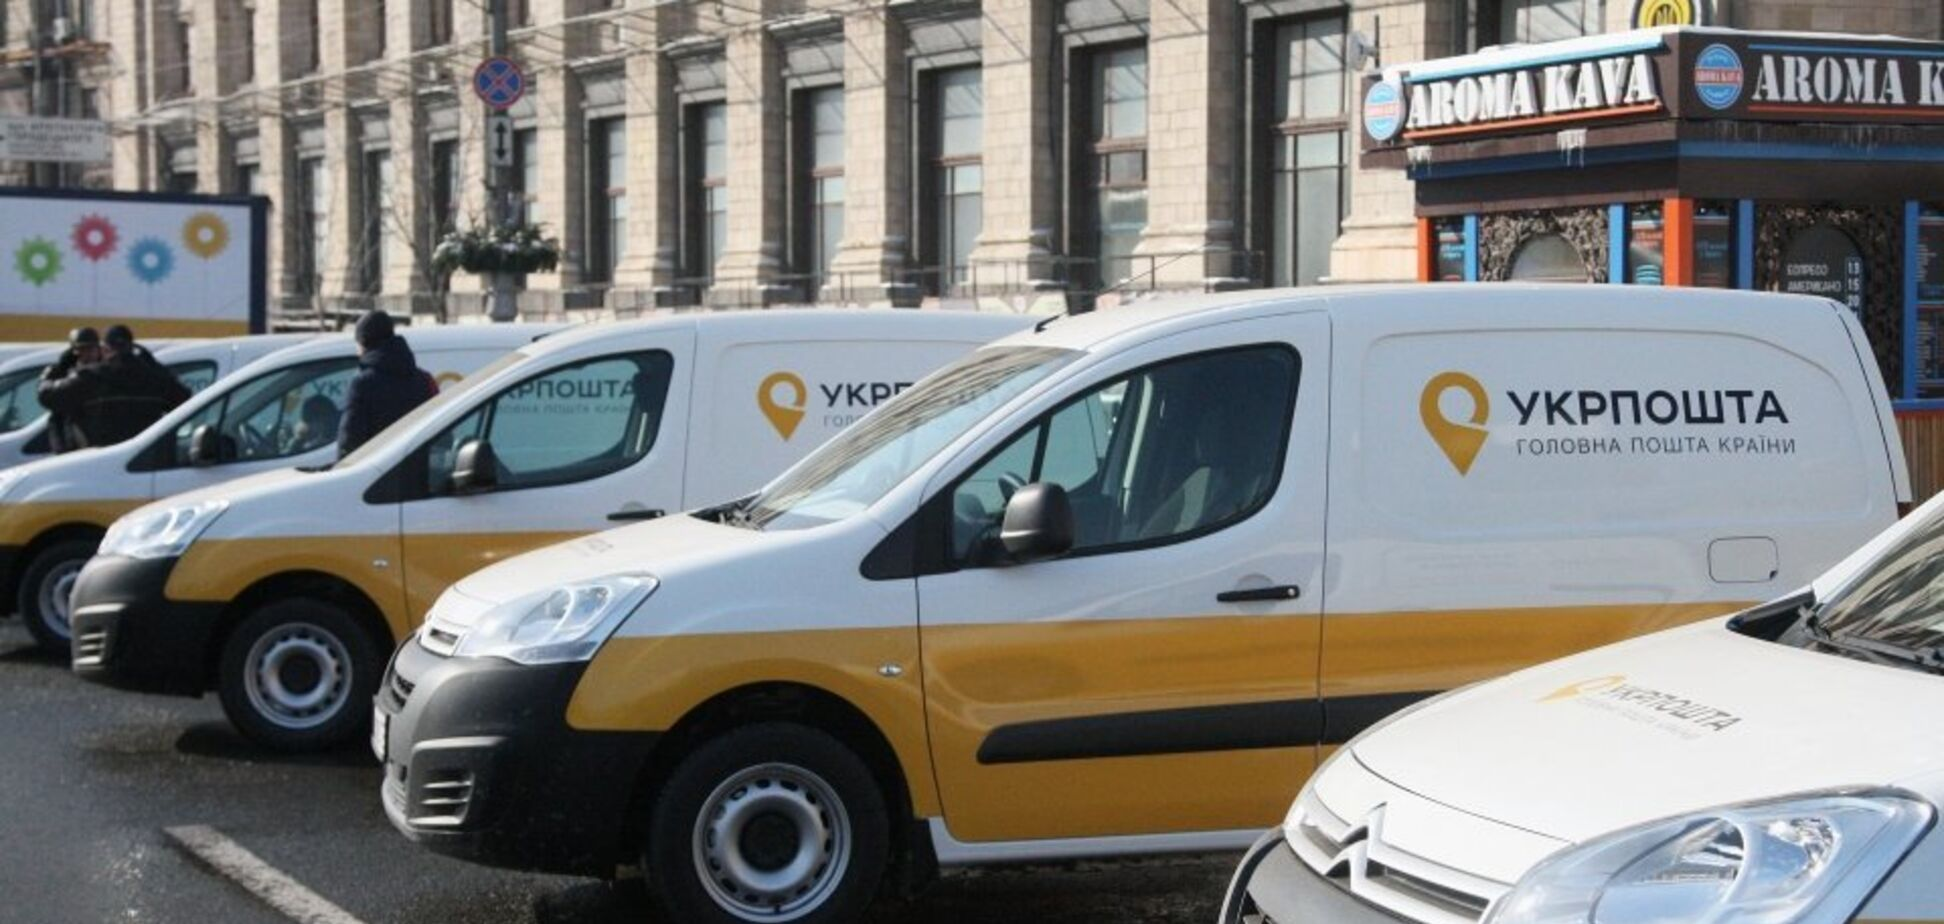 Оплатити комуналку й отримати посилку можна буде в далеких селах: в Україні запустили нову послугу